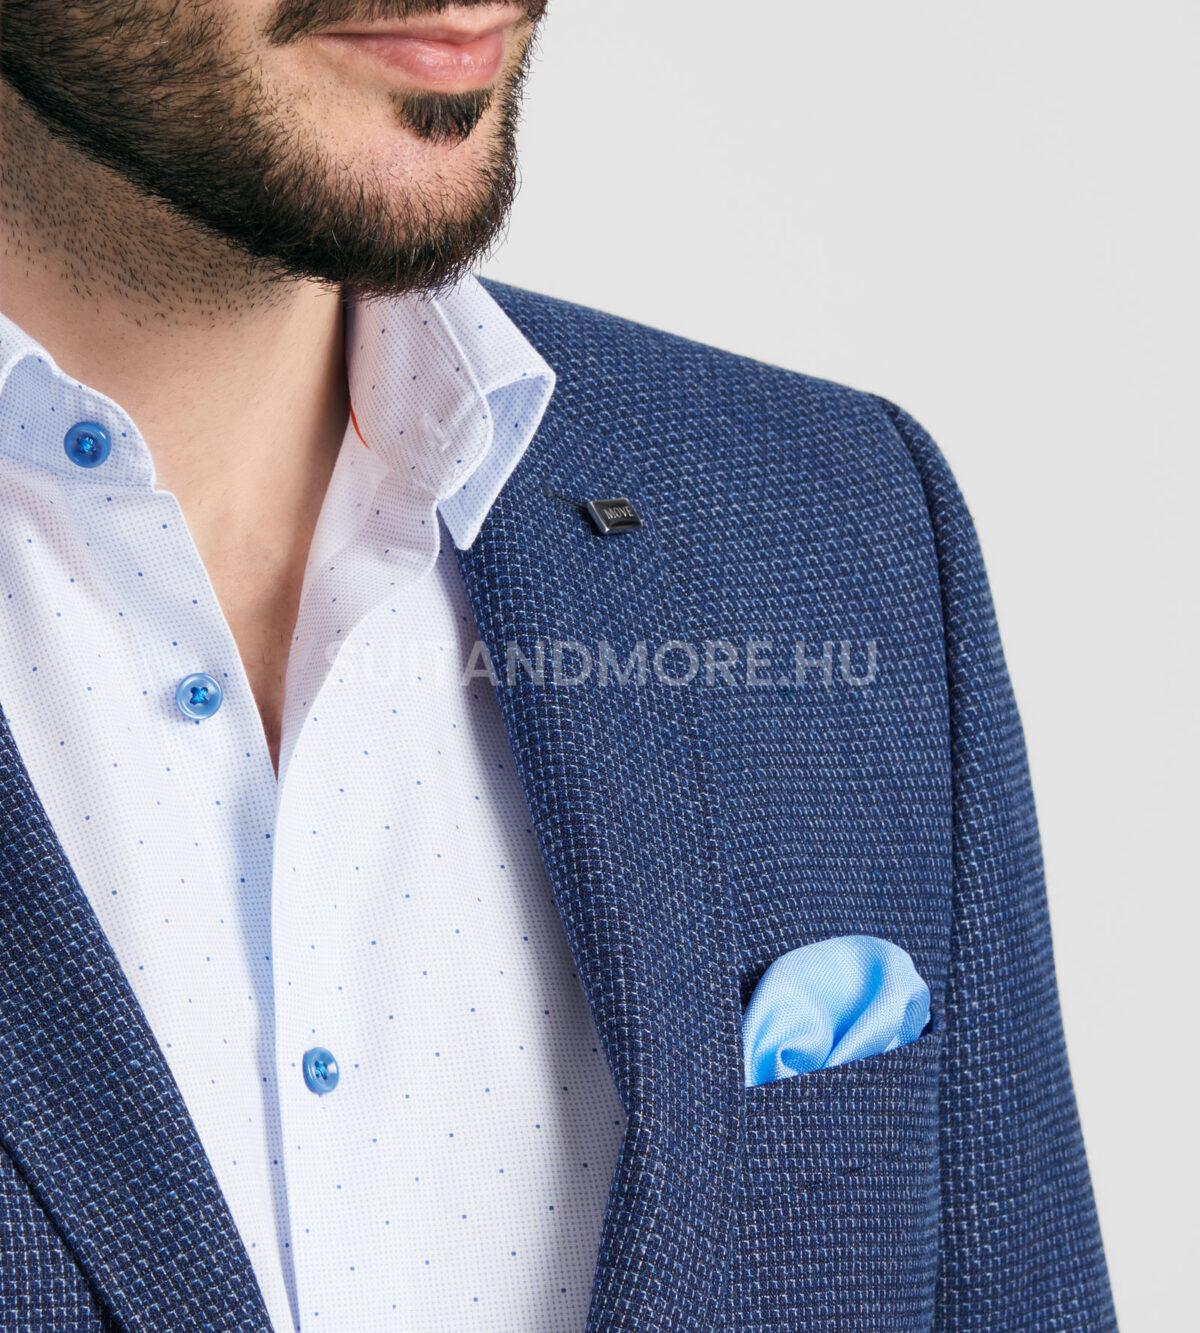 DIGEL-kék-slim-fit-strukturált-zakó-ALBANO-1182383-22-04